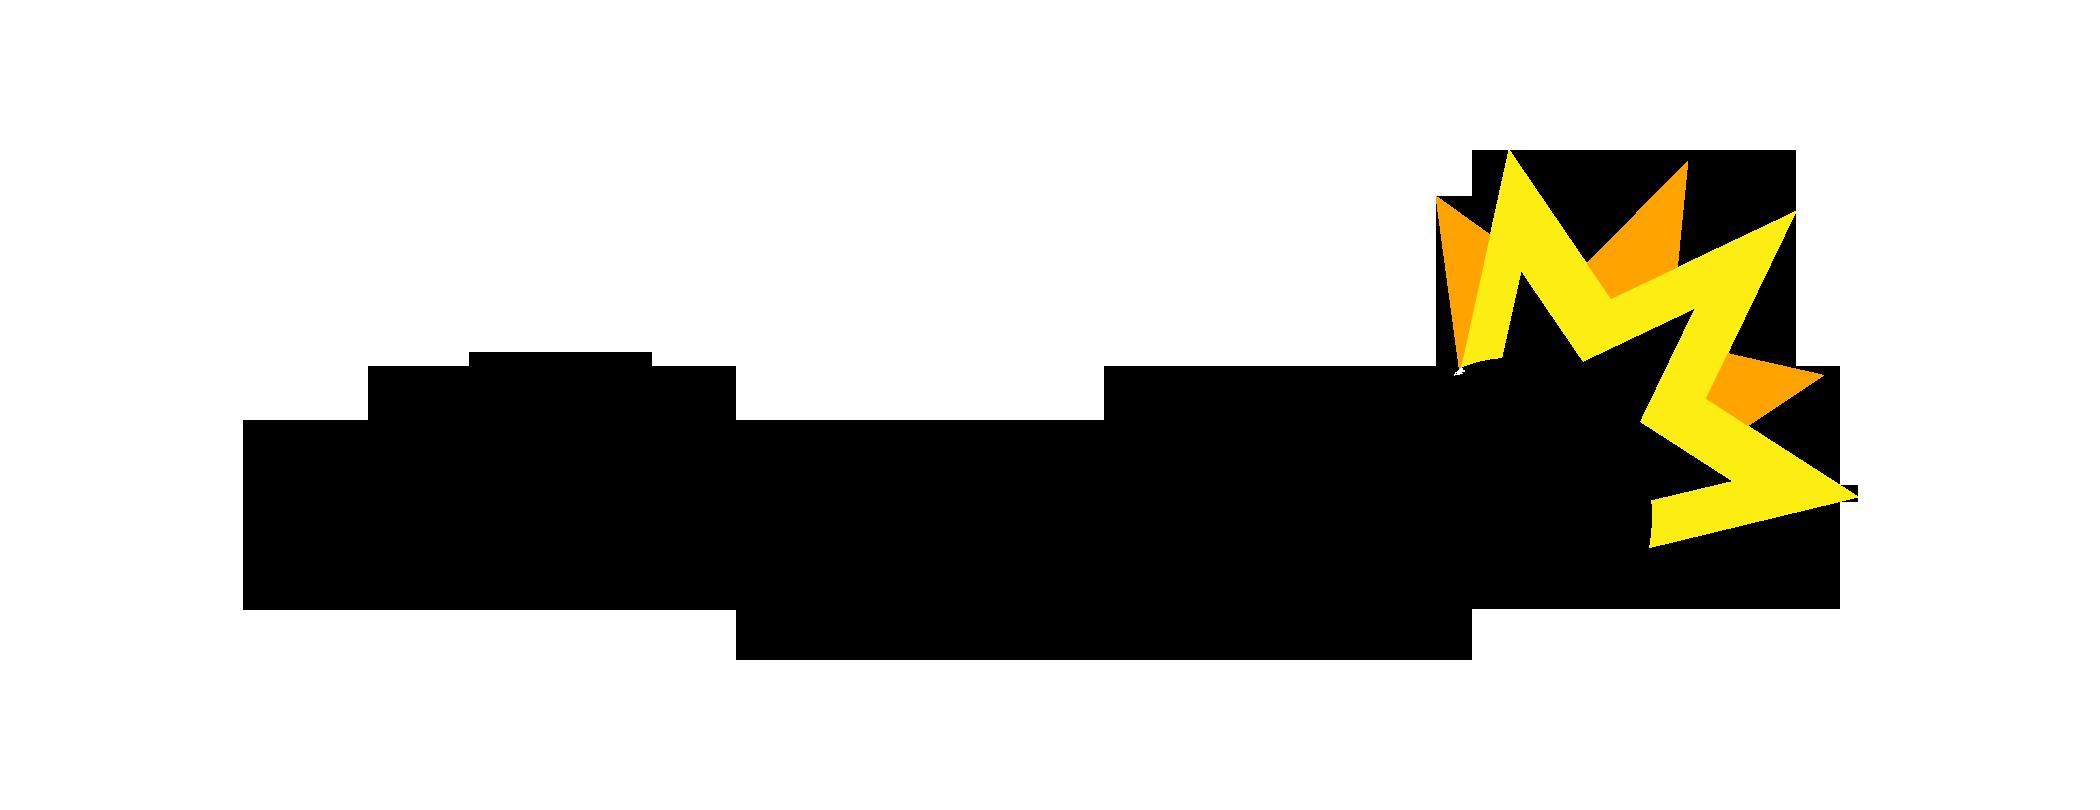 Offerpop-Logo-Hi-Res